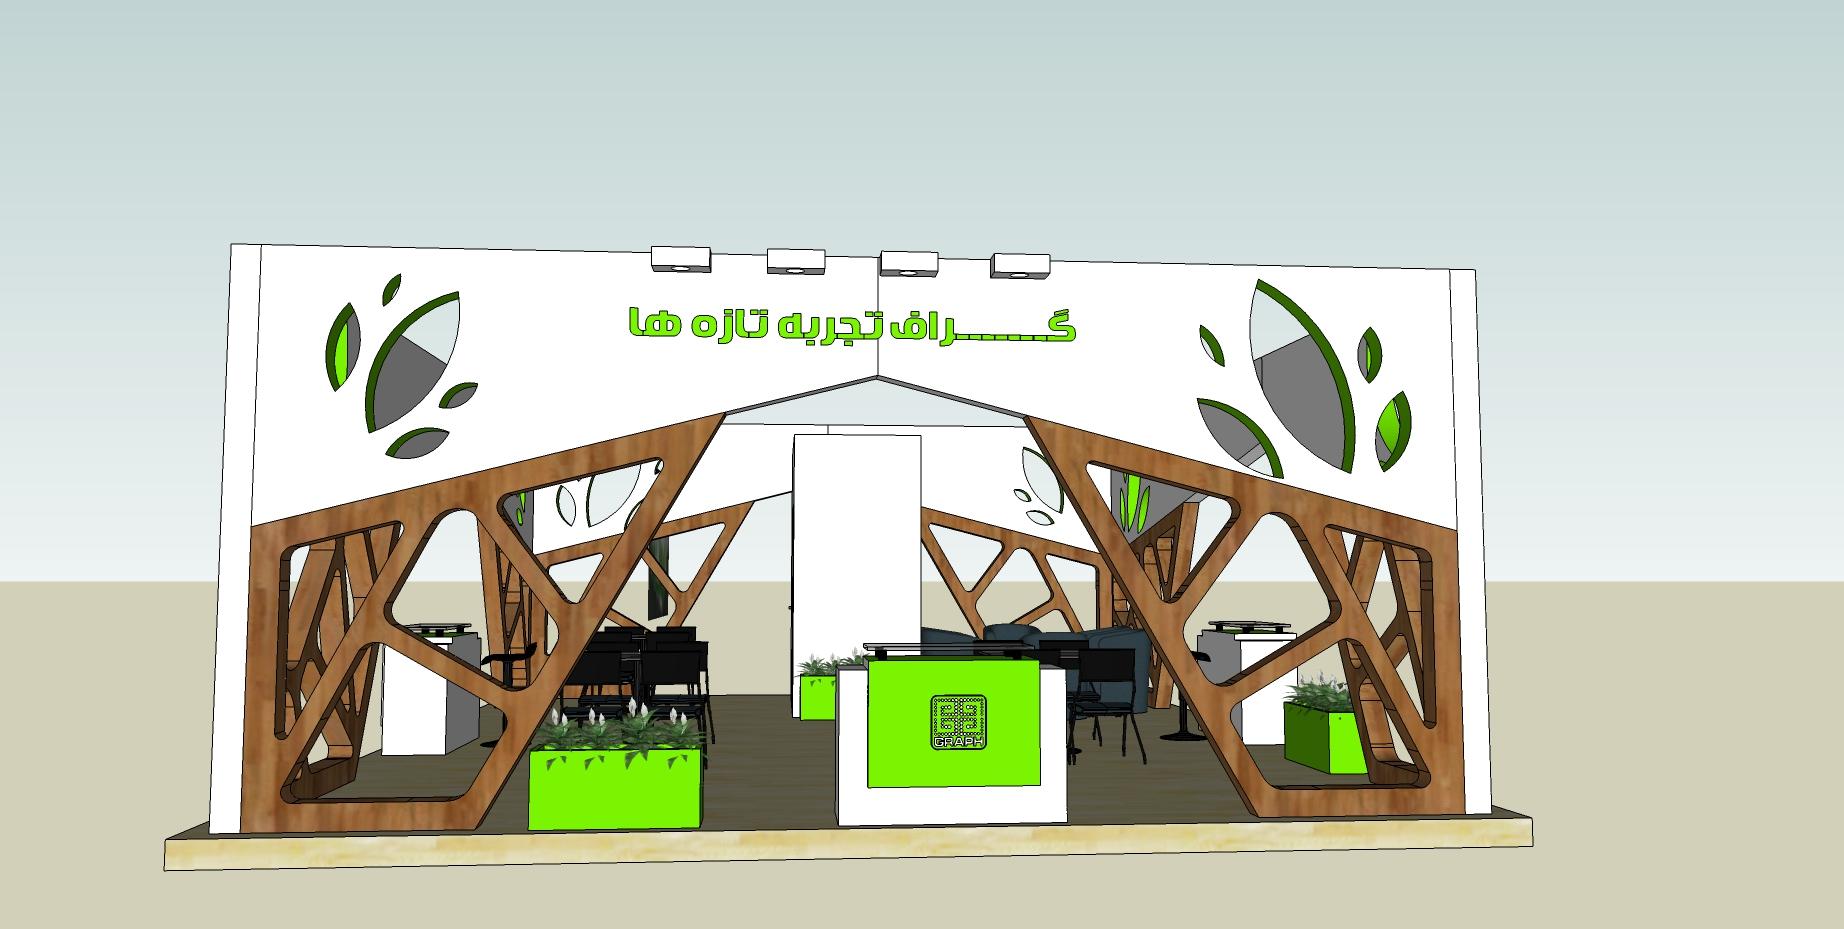 غرفه سازی نمایشگاهی - طراحی غرفه